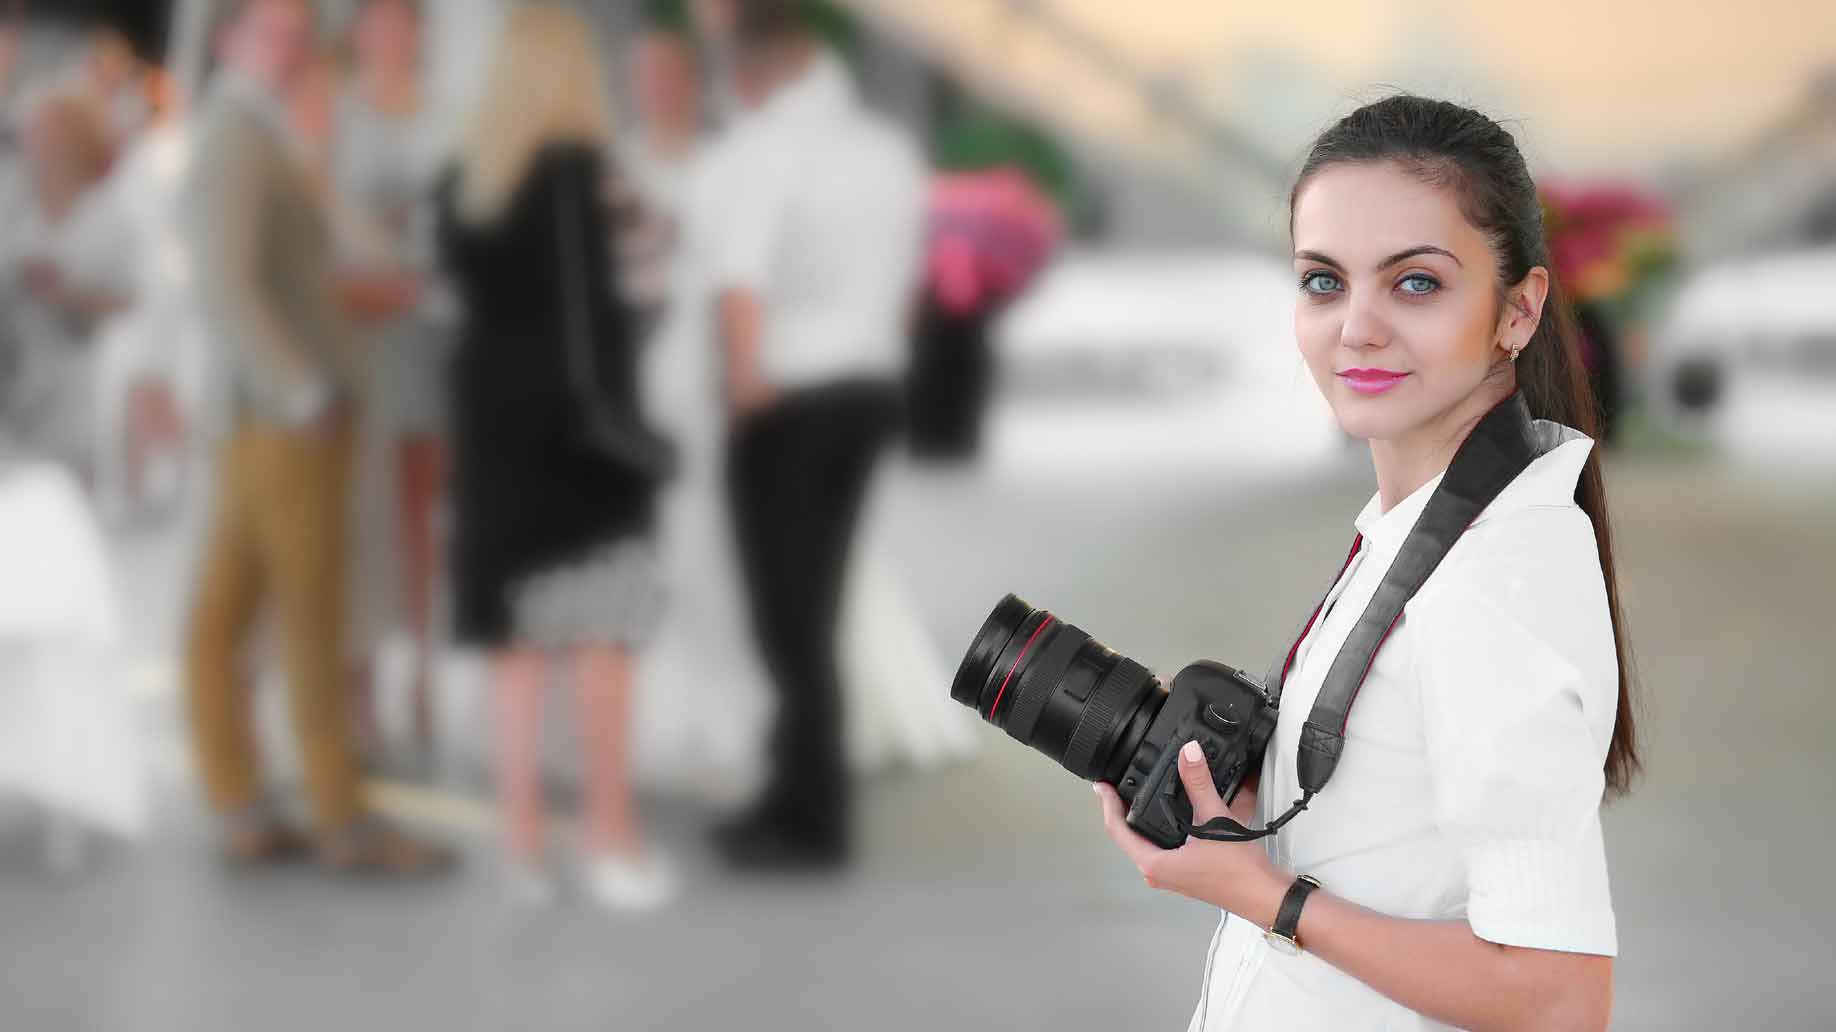 Amateur Photographer Digital Subscription